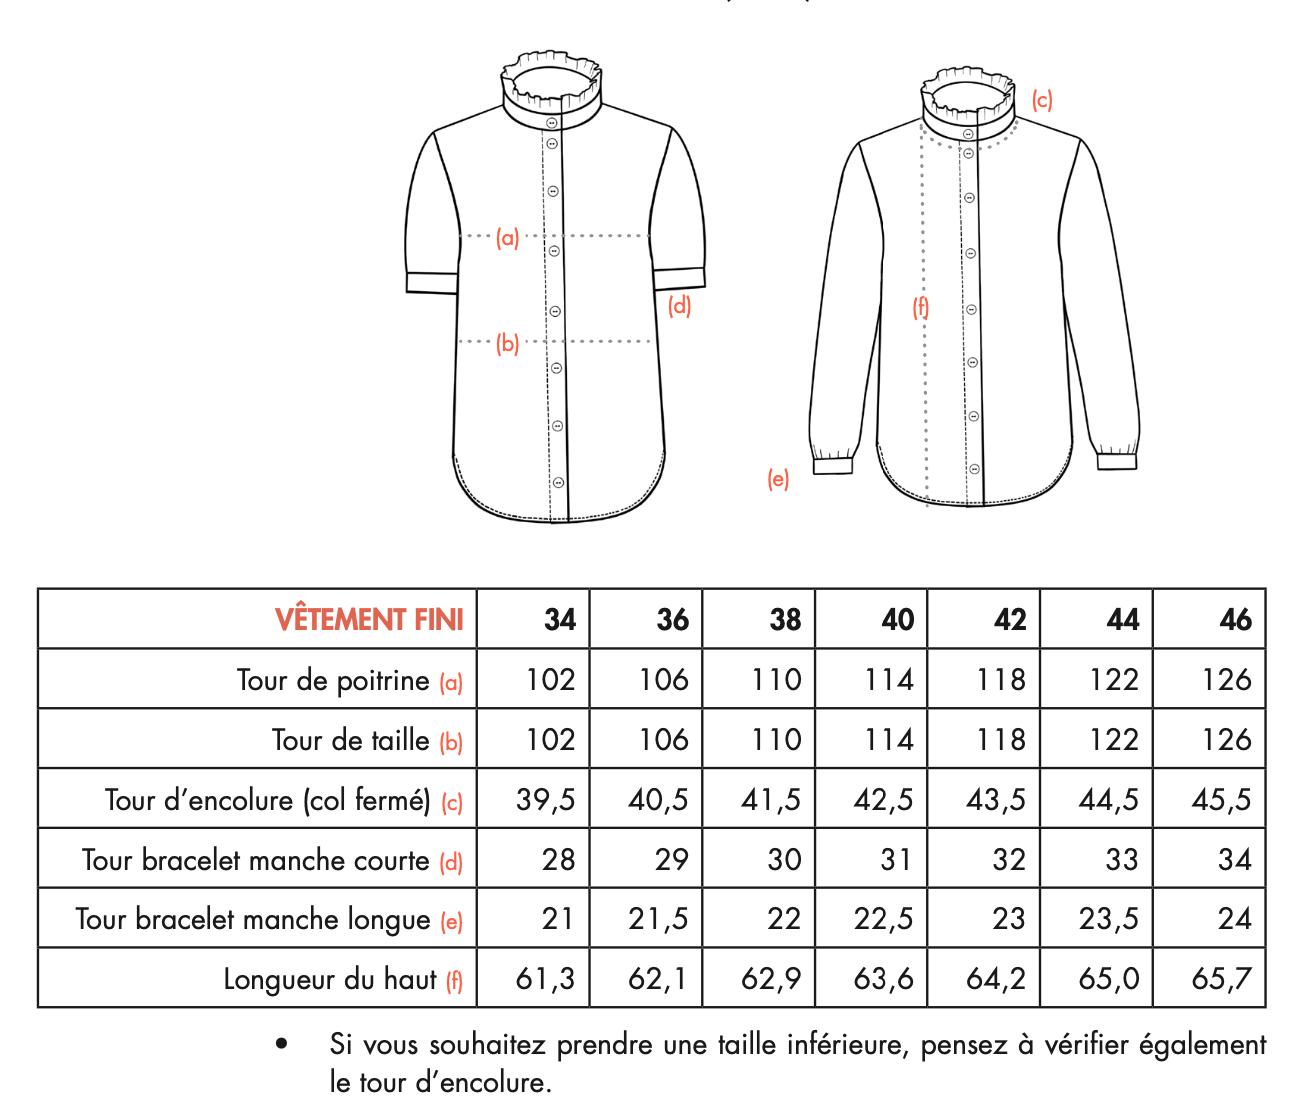 Ose Patterns - Haut KIM - Dimensions vêtement fini